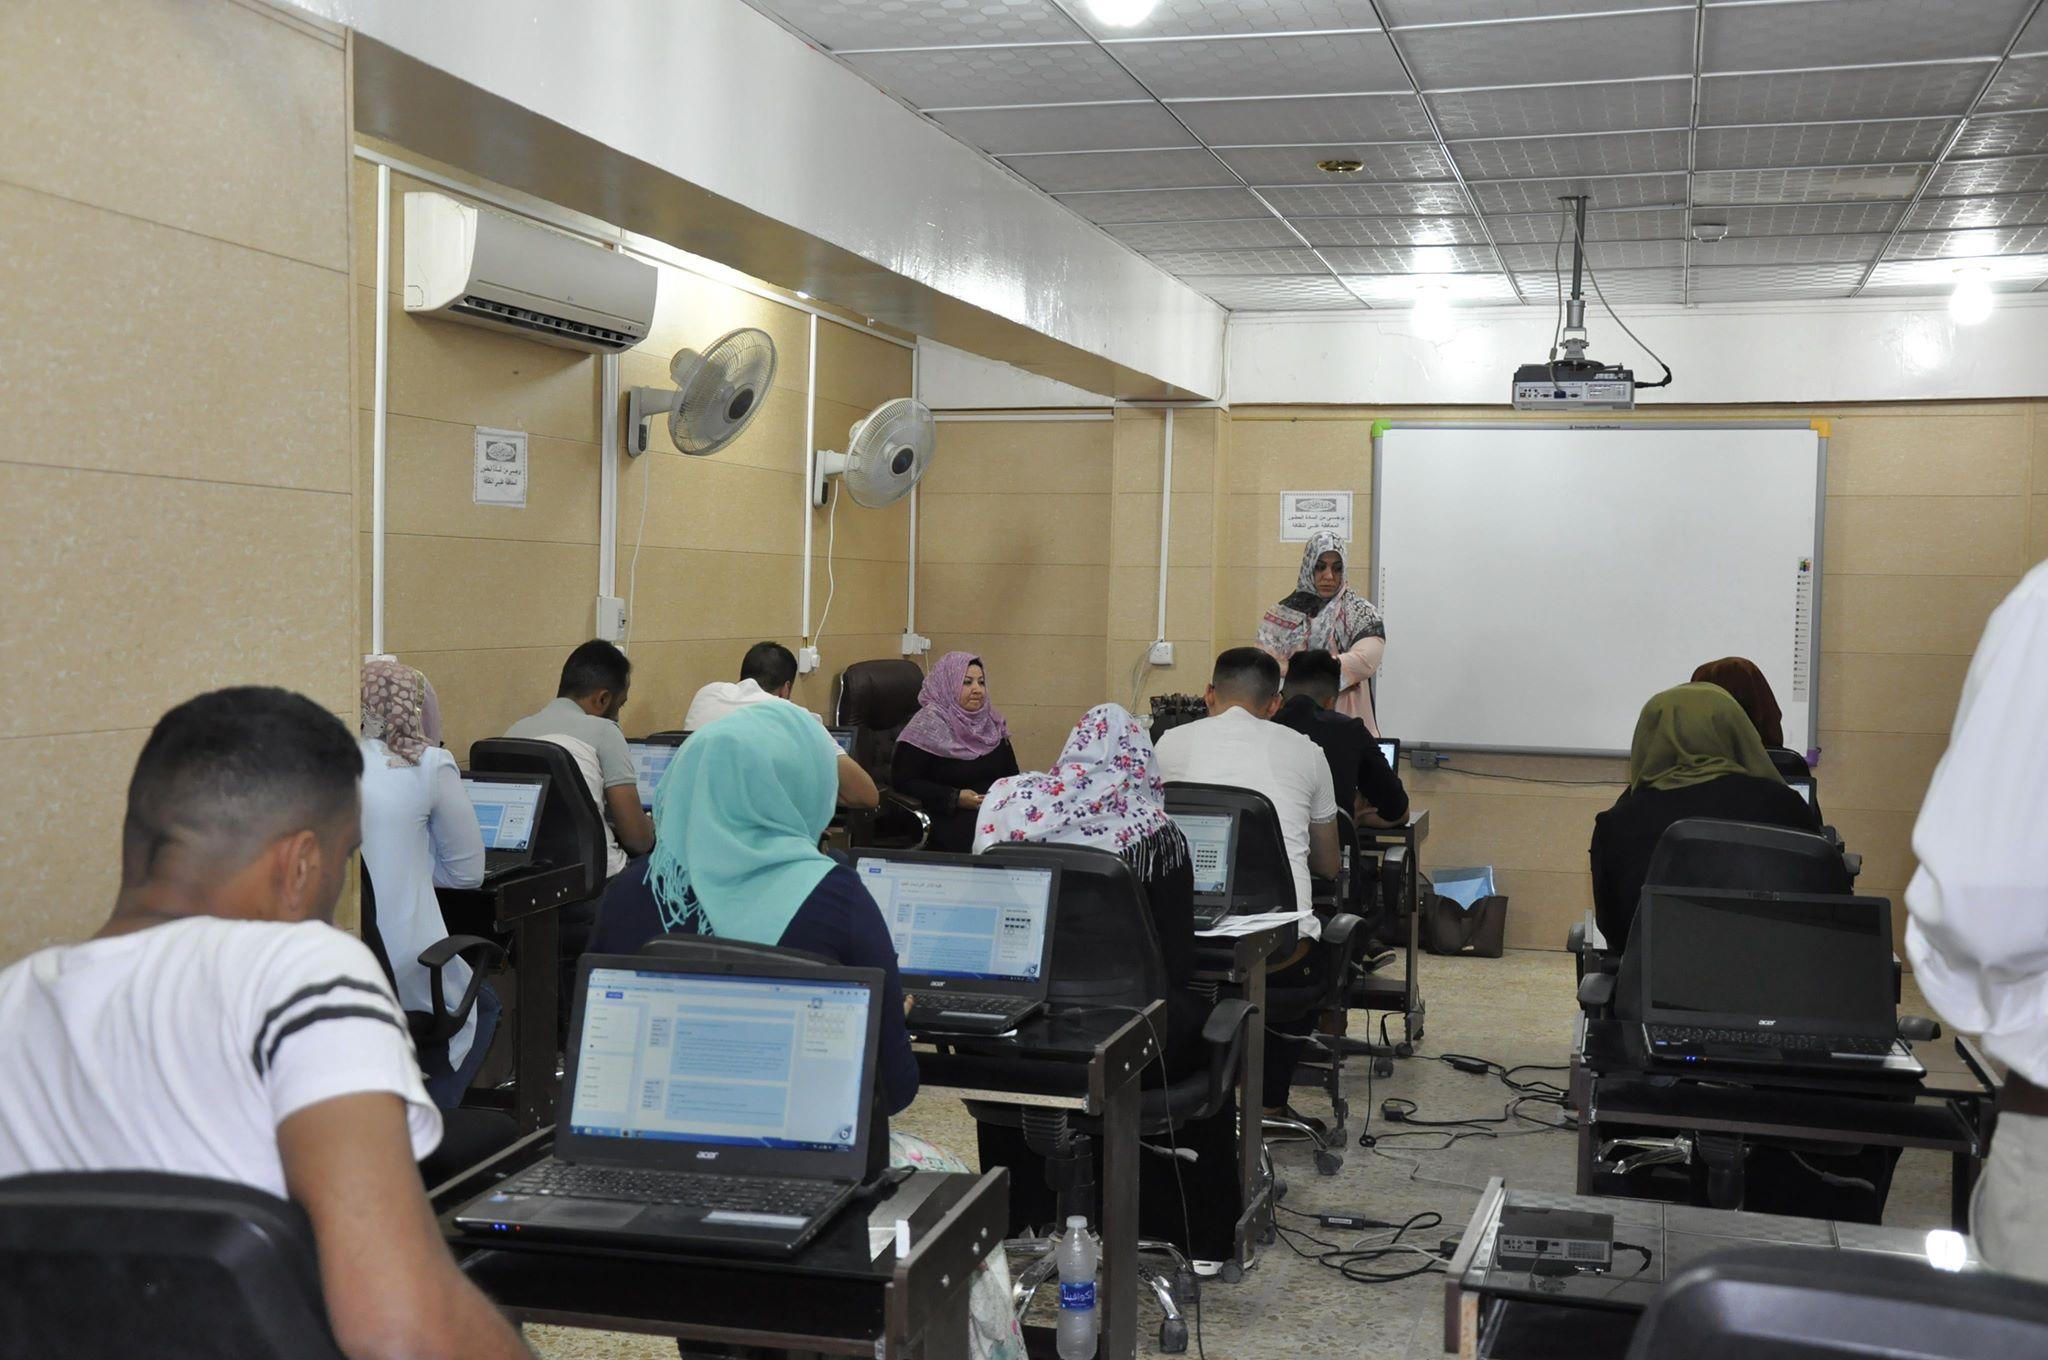 كلية الهندسة تحتضن في قاعاتها الدراسية الامتحان التنافسي لطلبة الدراسات العليا ( الماجستير ) لطلبة كلية الآثار جامعة القادسية